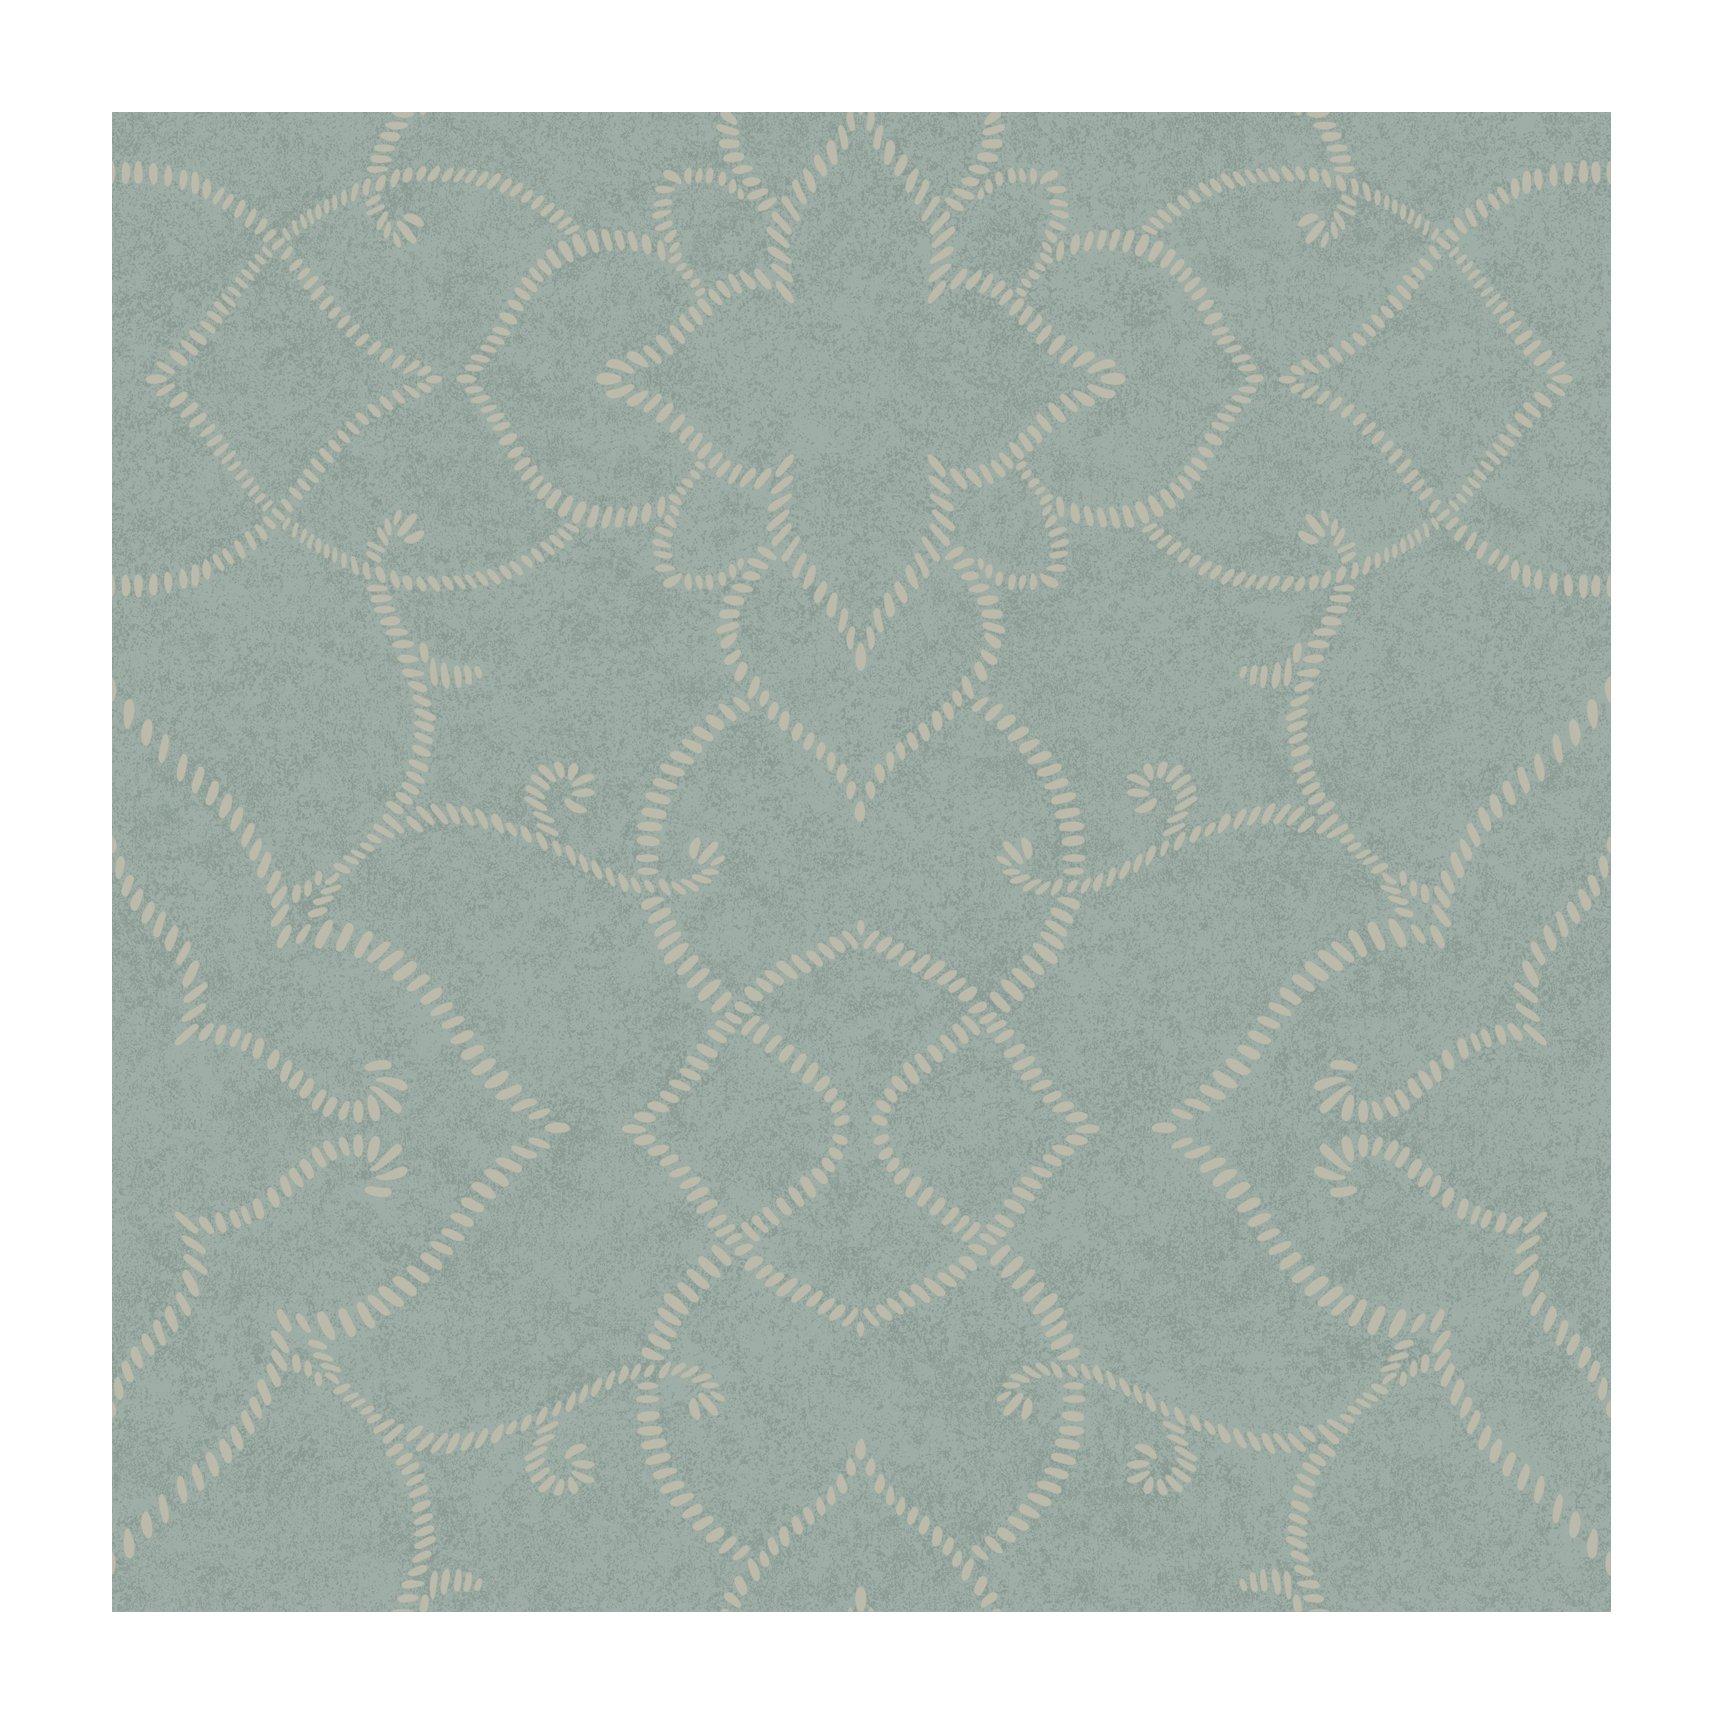 York Wallcoverings LD7692 Jewel Box Starling Wallpaper, Aqua Teal/Grayed Teal/Platinum Pearl Metallic